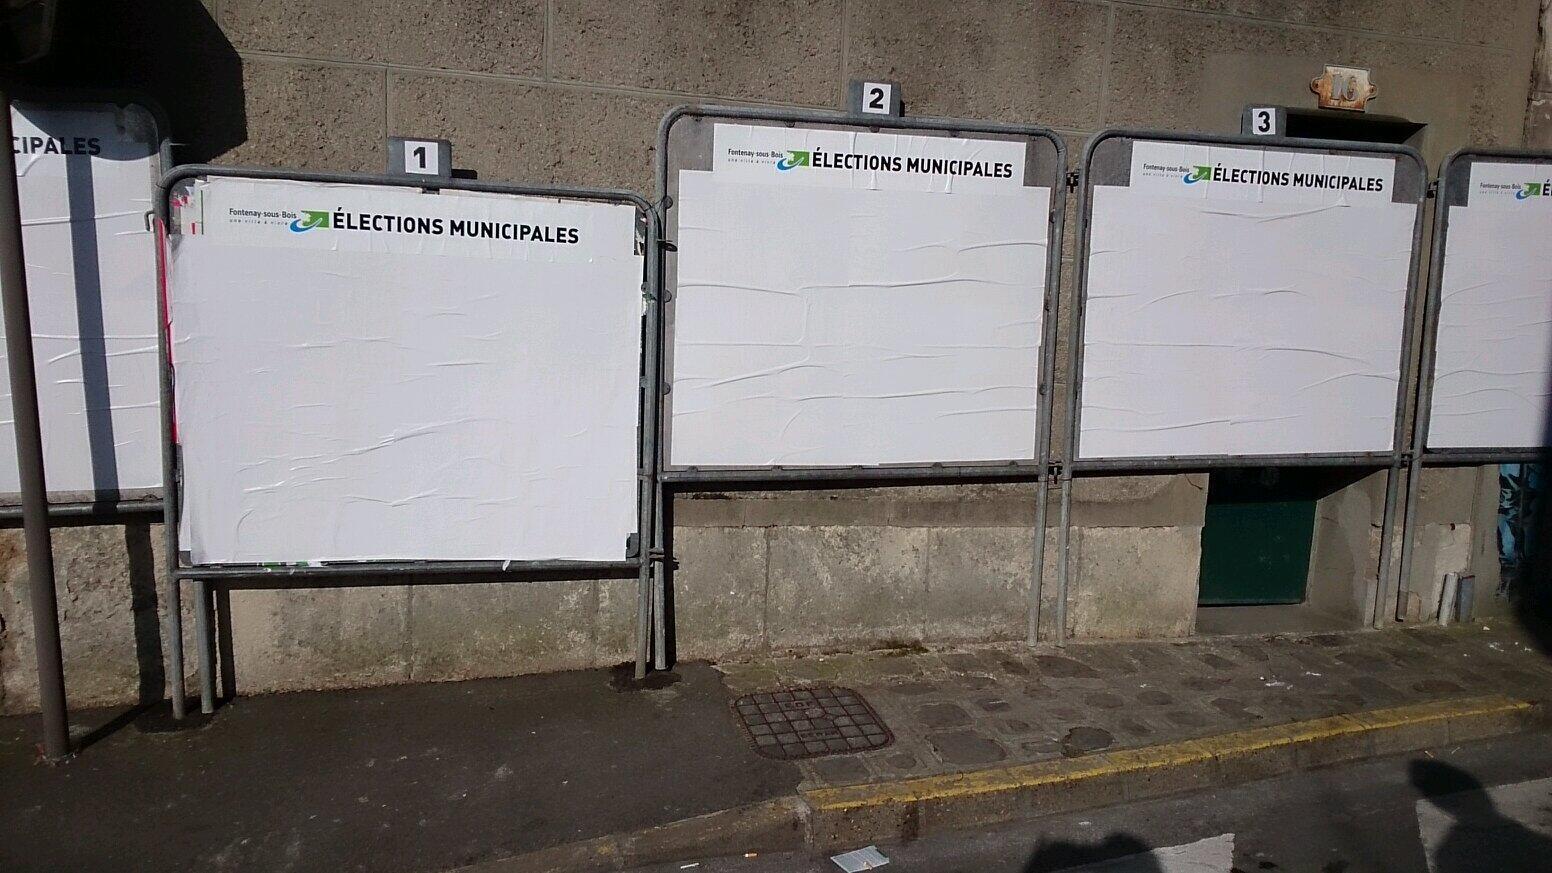 Utilisation frauduleuse des panneaux d'affichage officiel BiM4O-5IEAAFBQf